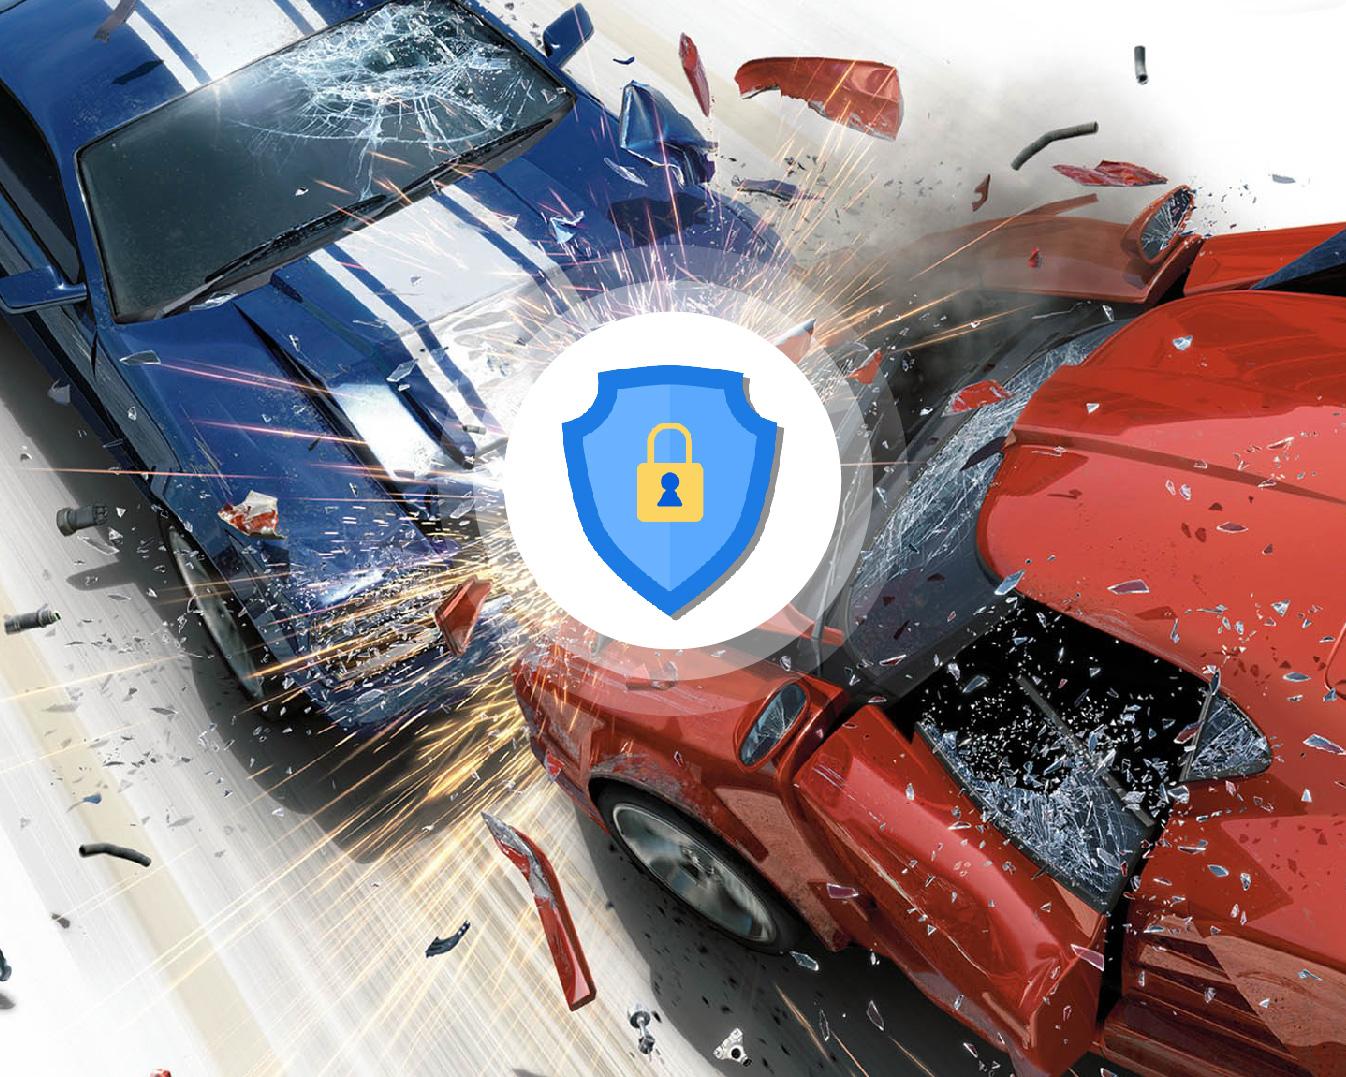 車両用G-sensor加速度センサーの検証テスト